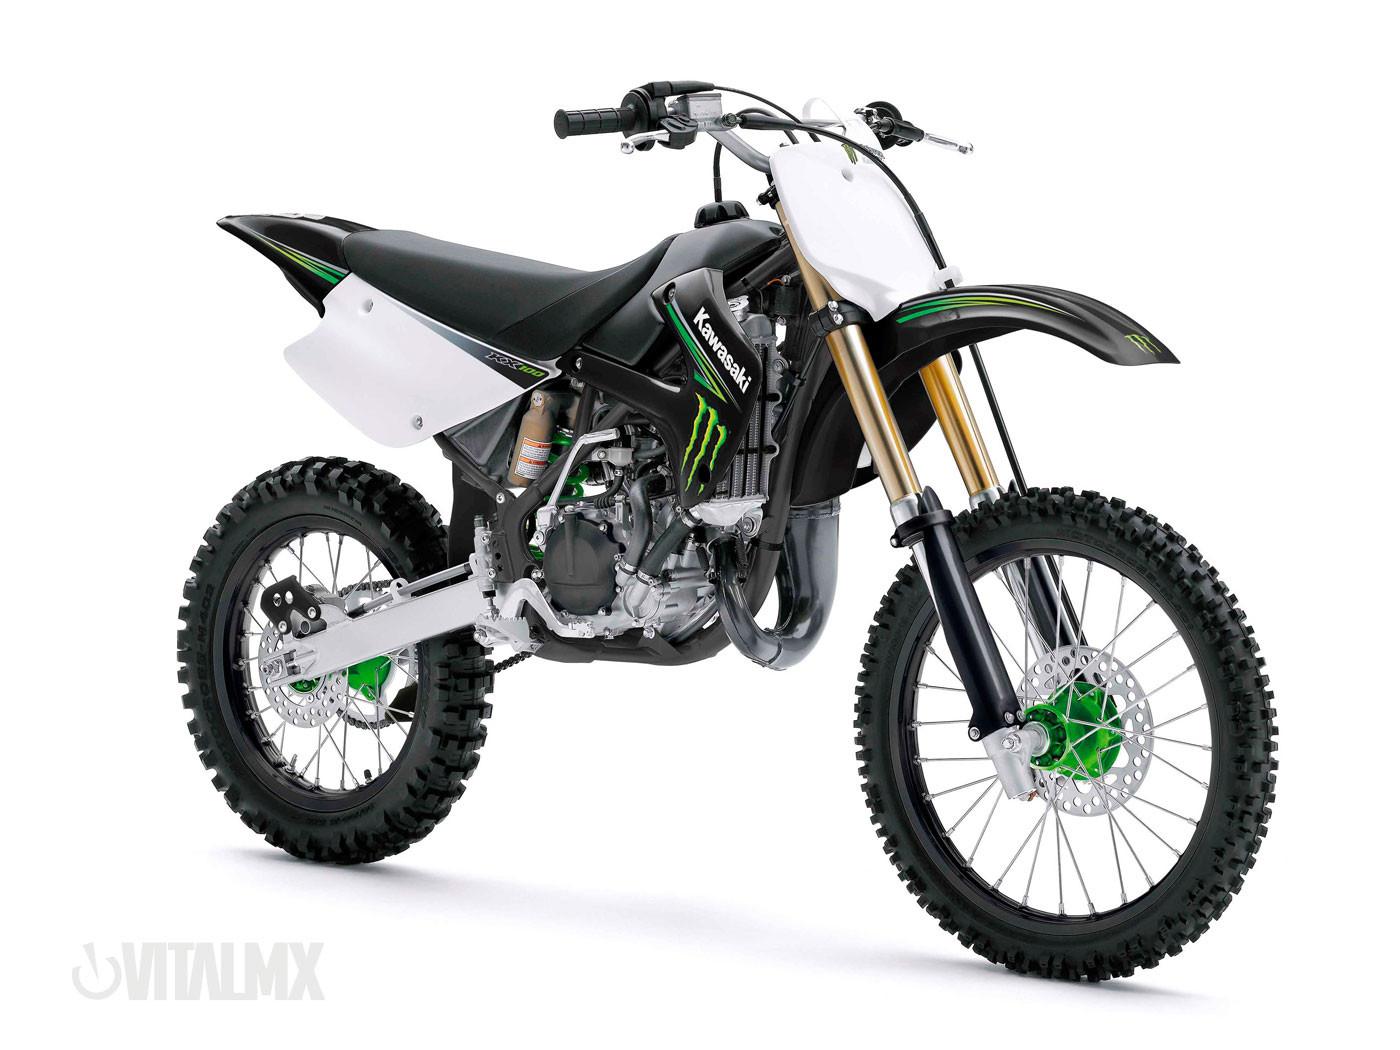 2009 Kawasaki KX™100 Monster Energy® - 2009 Kawasaki ...